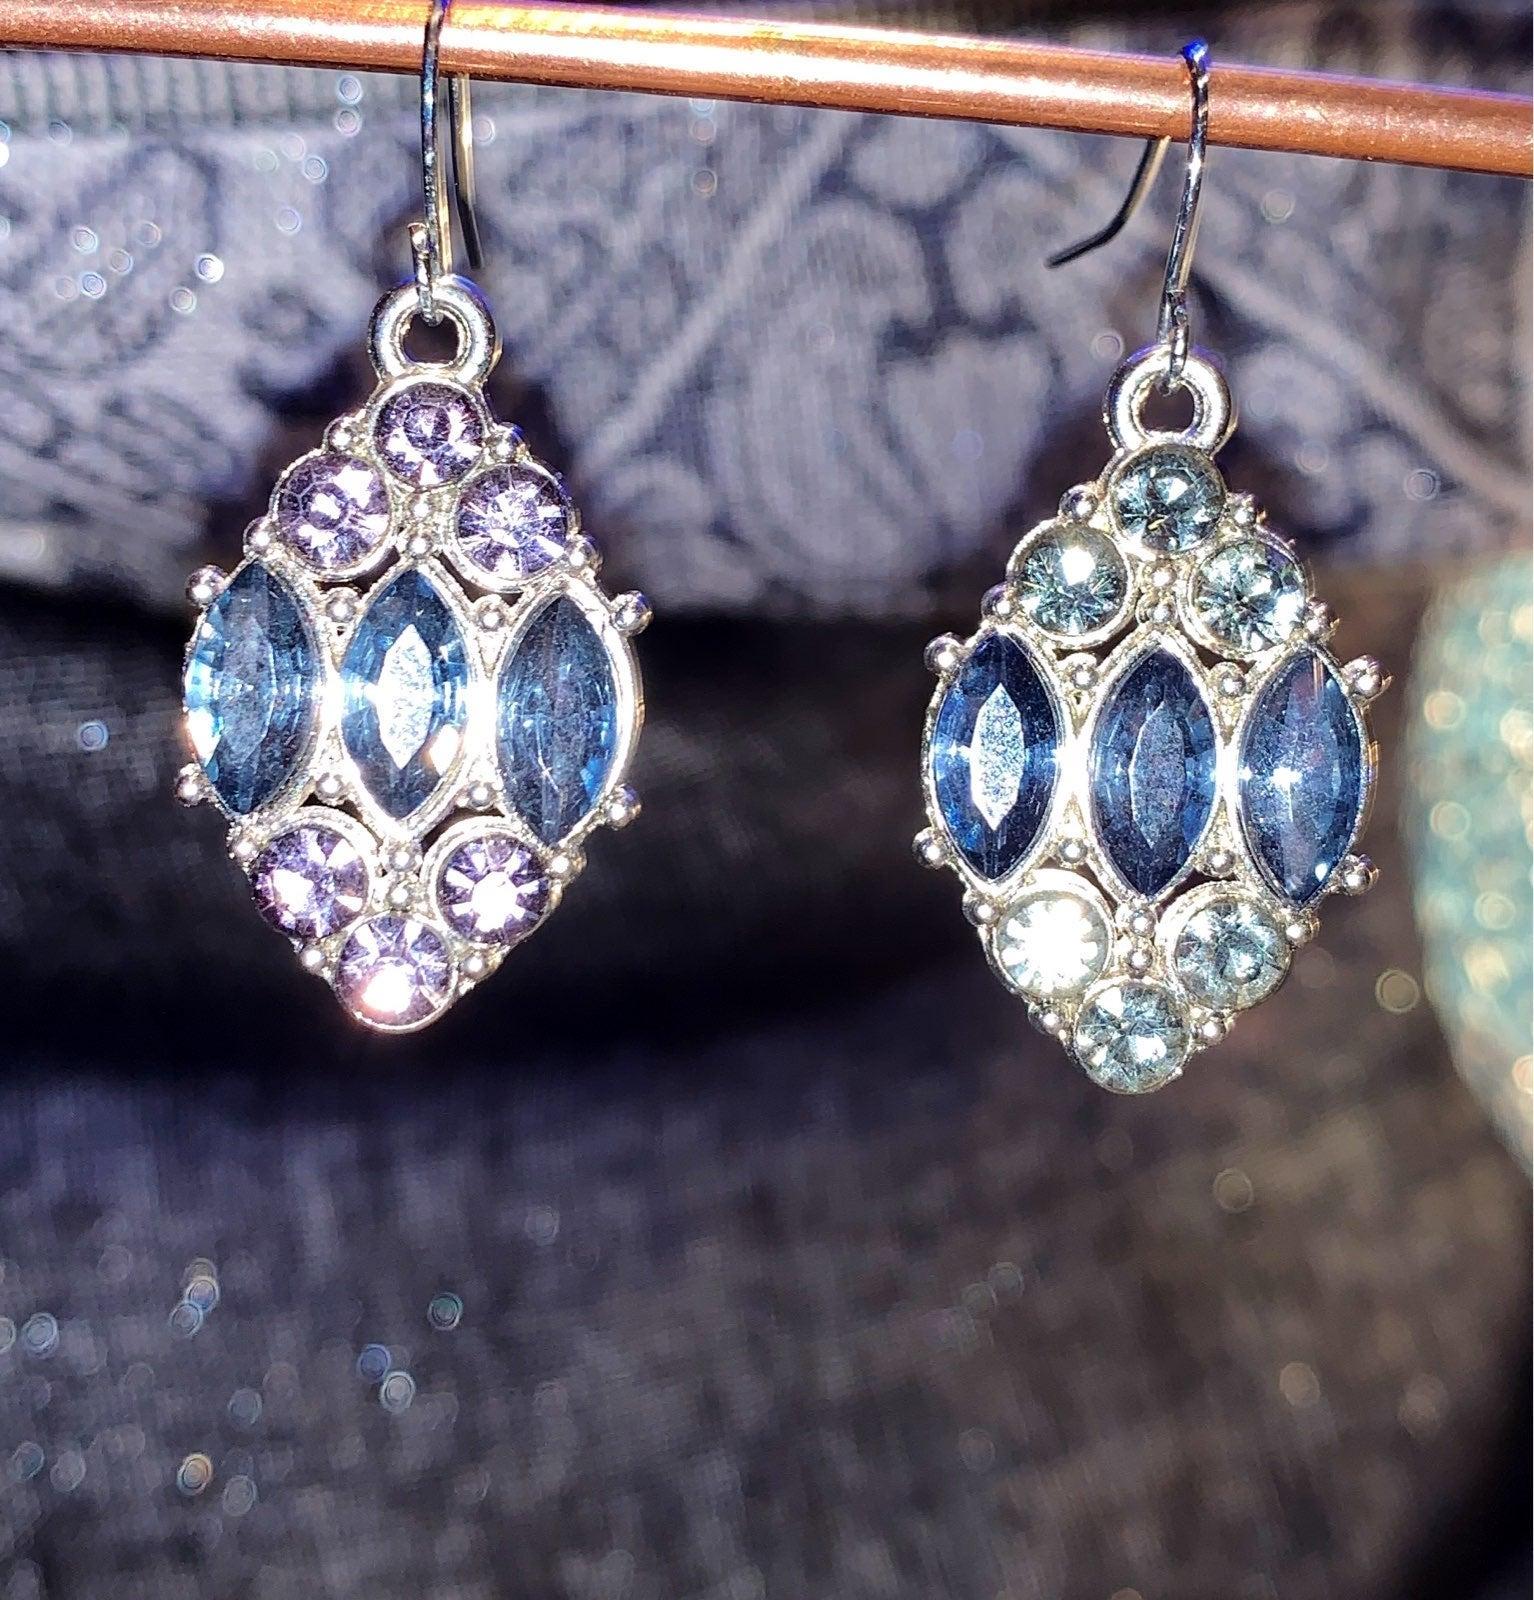 New Ann Taylor LOFT blue earrings